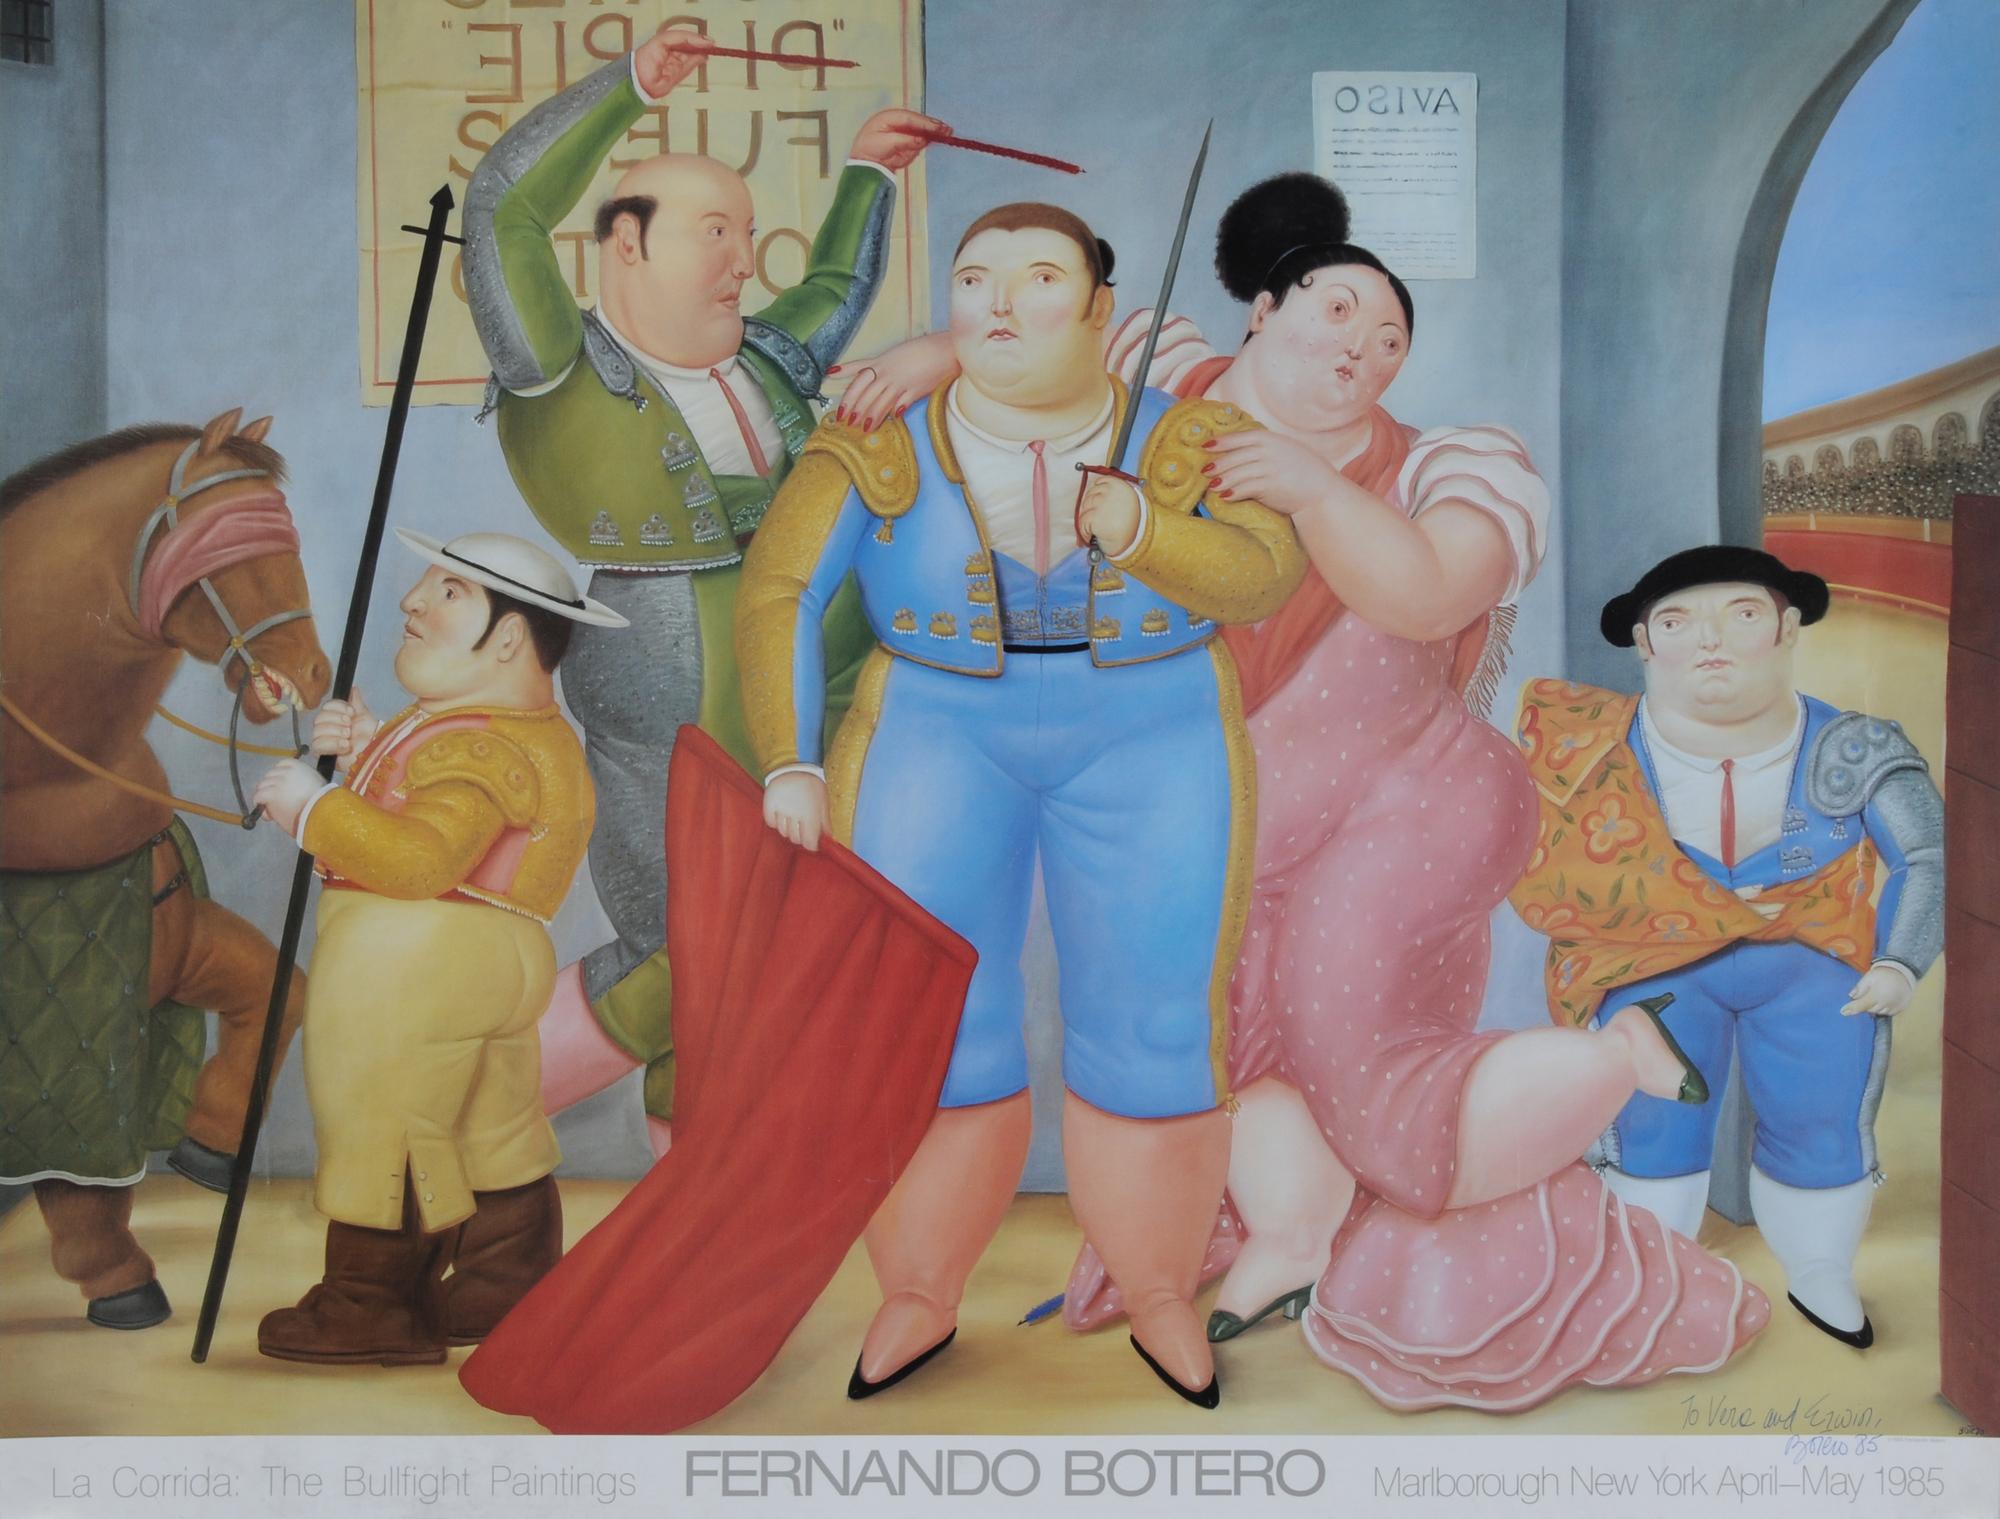 Botero Fernando, 2 sheets: Poster Marlborough Gallery, New York, 1985; Poster Palazzo delle Esposizioni, Roma